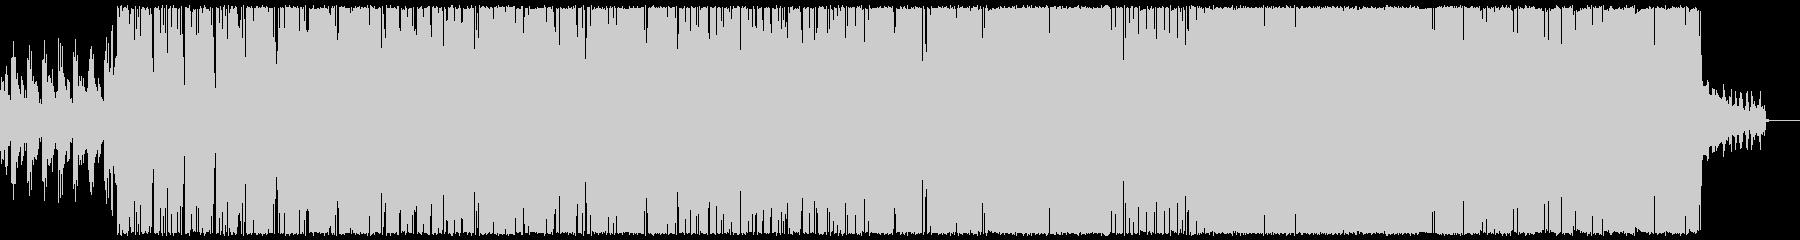 ファンキーなエレクトロの未再生の波形